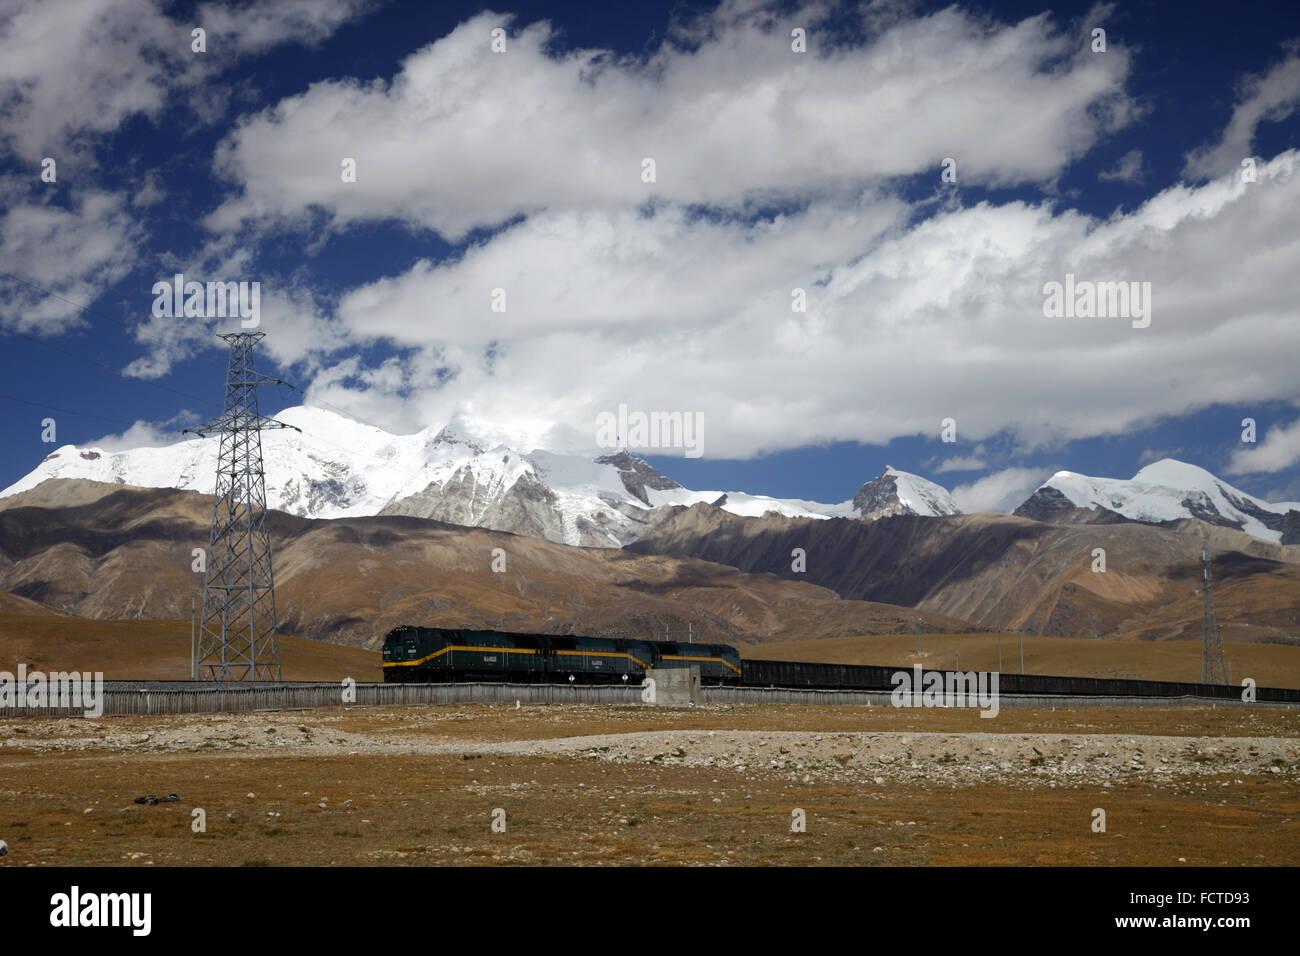 Qinghai Tibet Railway - Stock Image